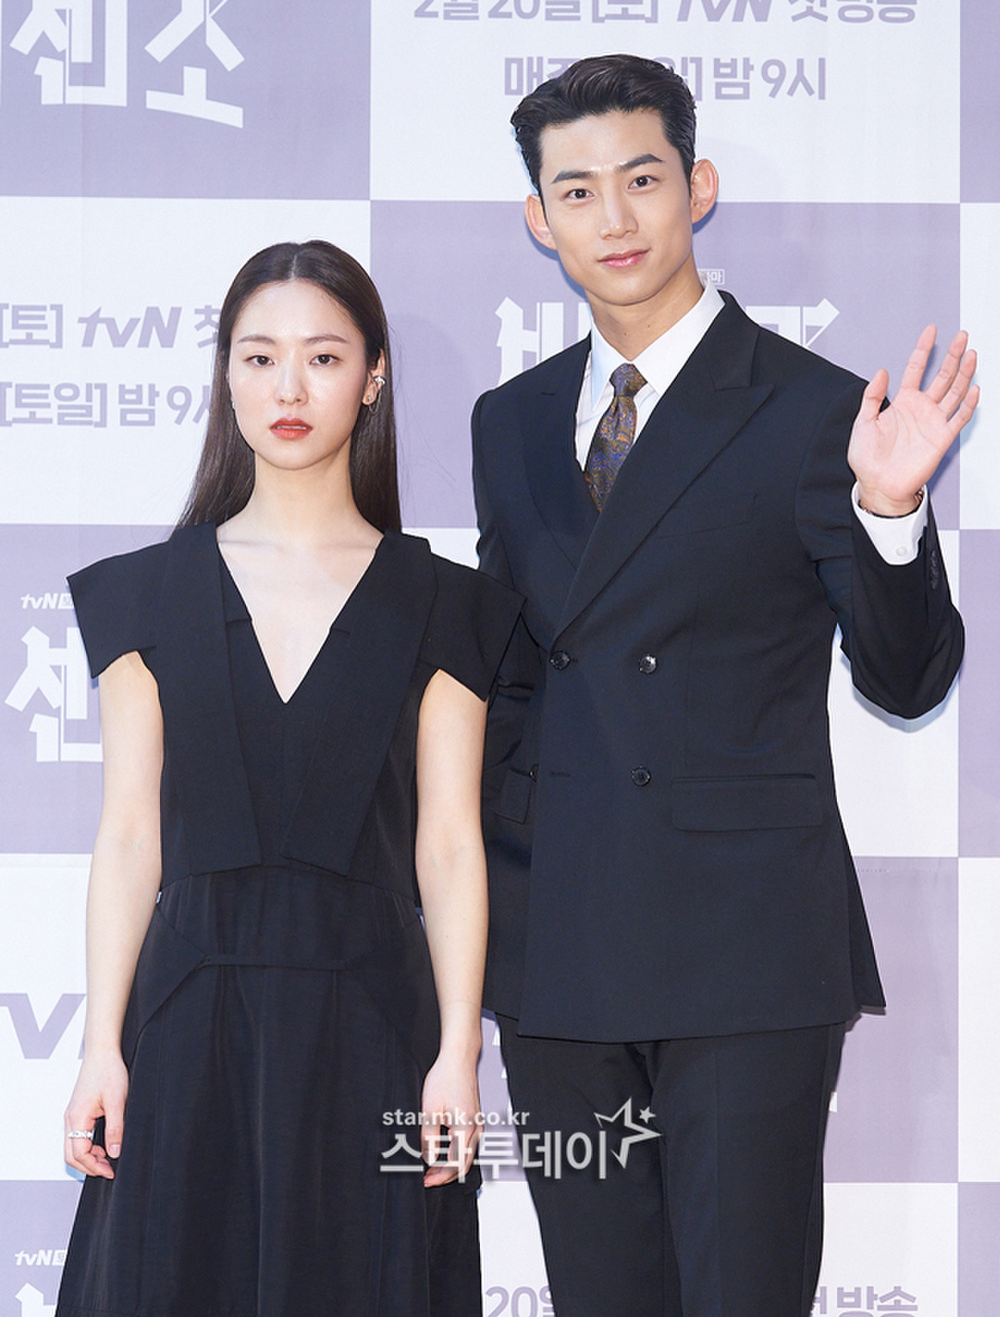 'Tình mới' không dám skinship với Song Joong Ki, rạng rỡ khoác tay Ok Taecyeon tại họp báo 'Vincenzo' Ảnh 6